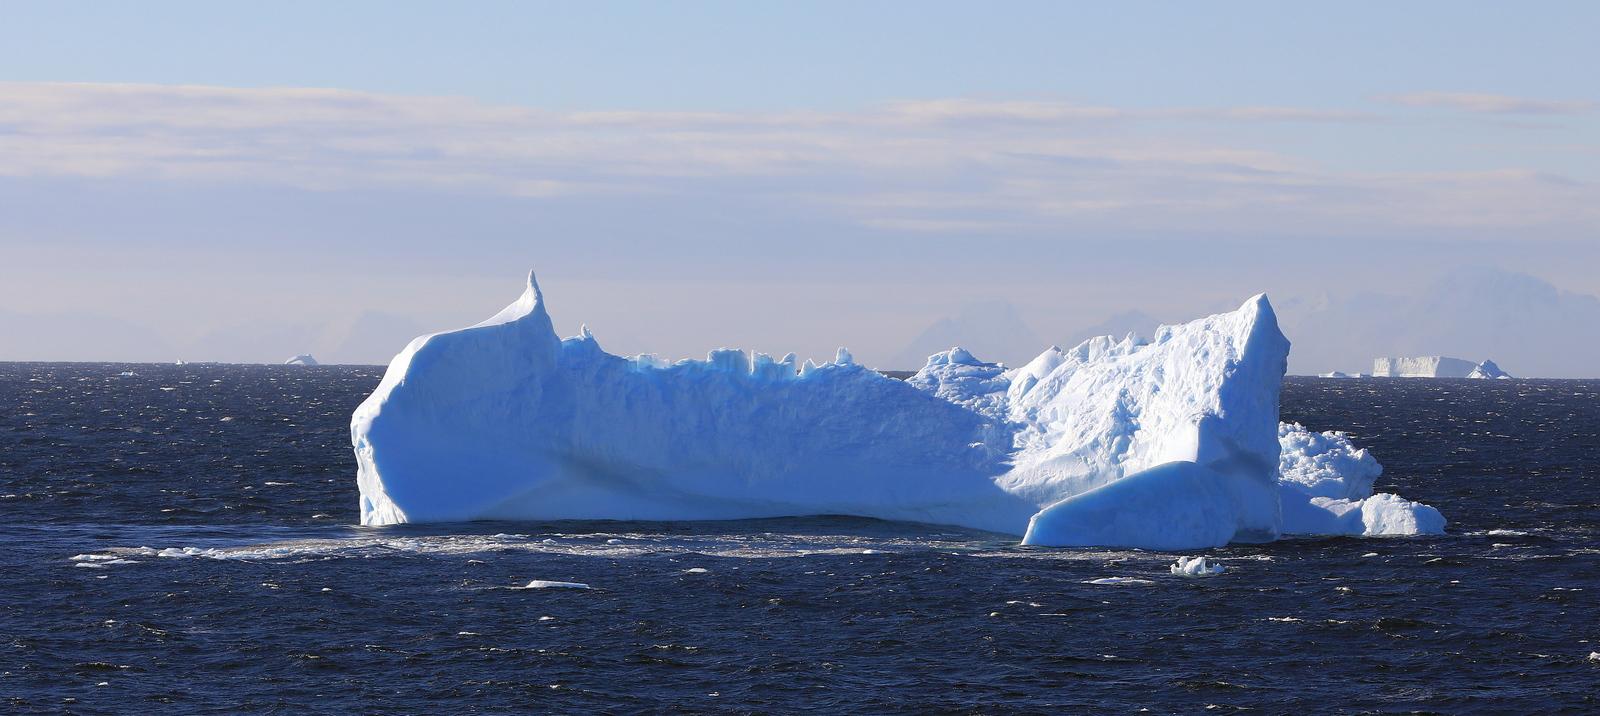 1702_Antarctique_02708_c_sm.jpg